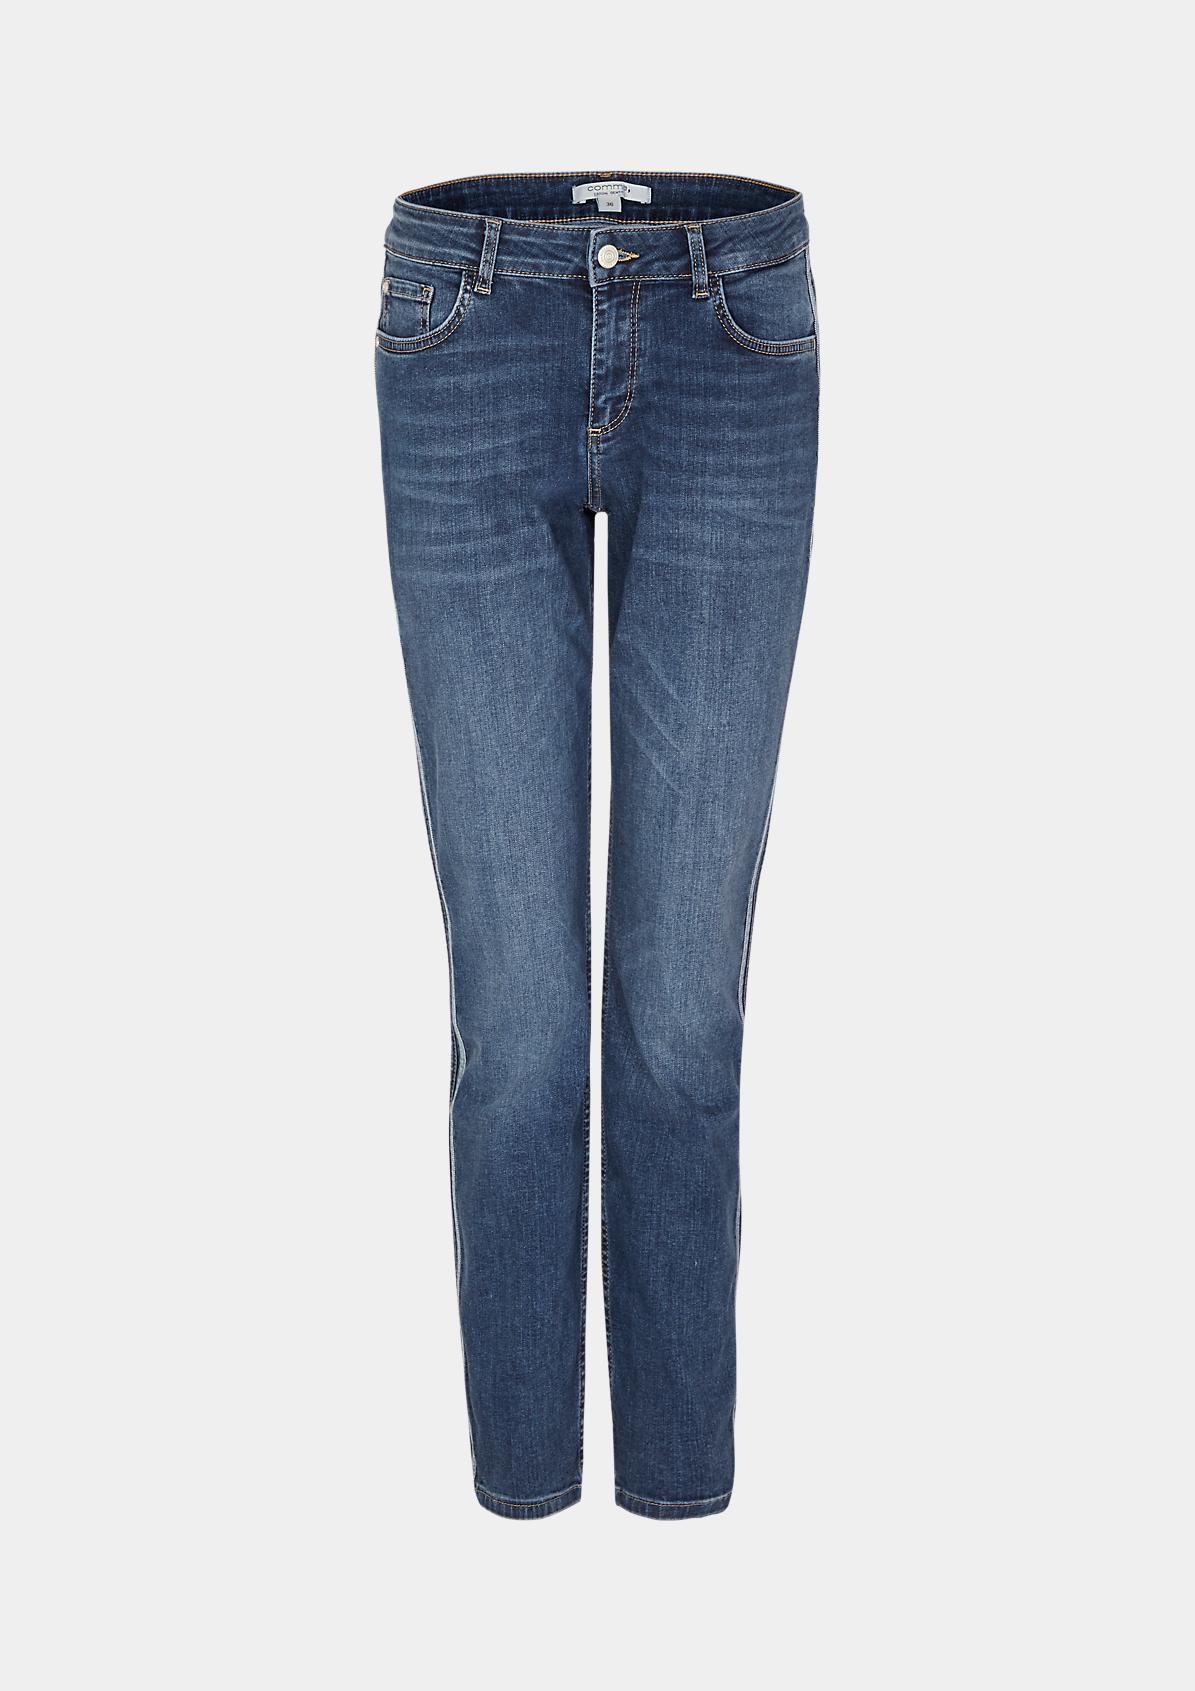 Jeans im Used-Look mit aufgesetzten Seitenstreifen